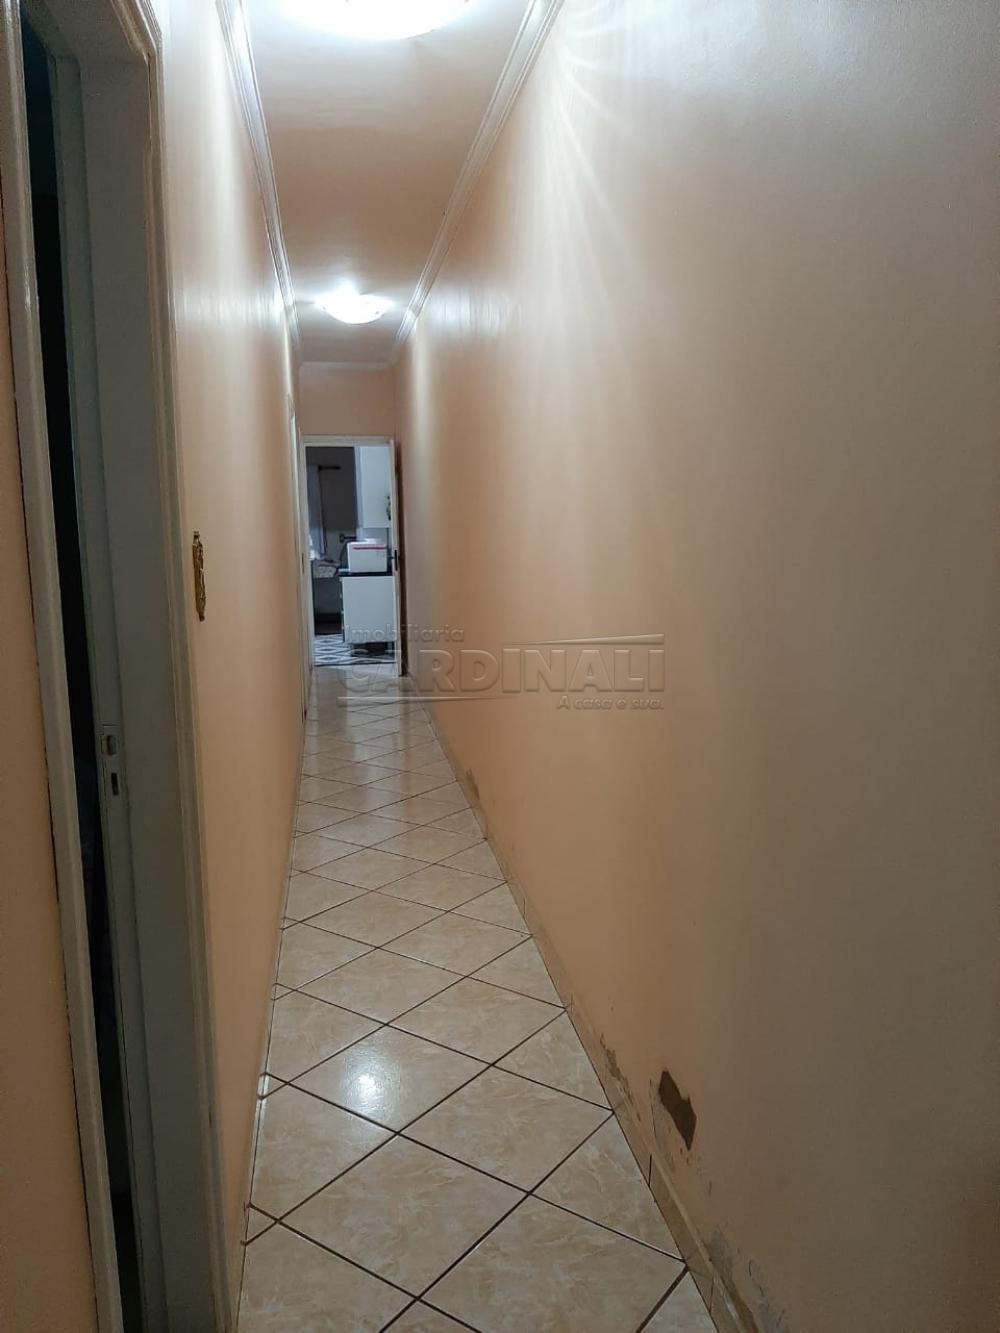 Comprar Casa / Padrão em São Carlos R$ 373.000,00 - Foto 3